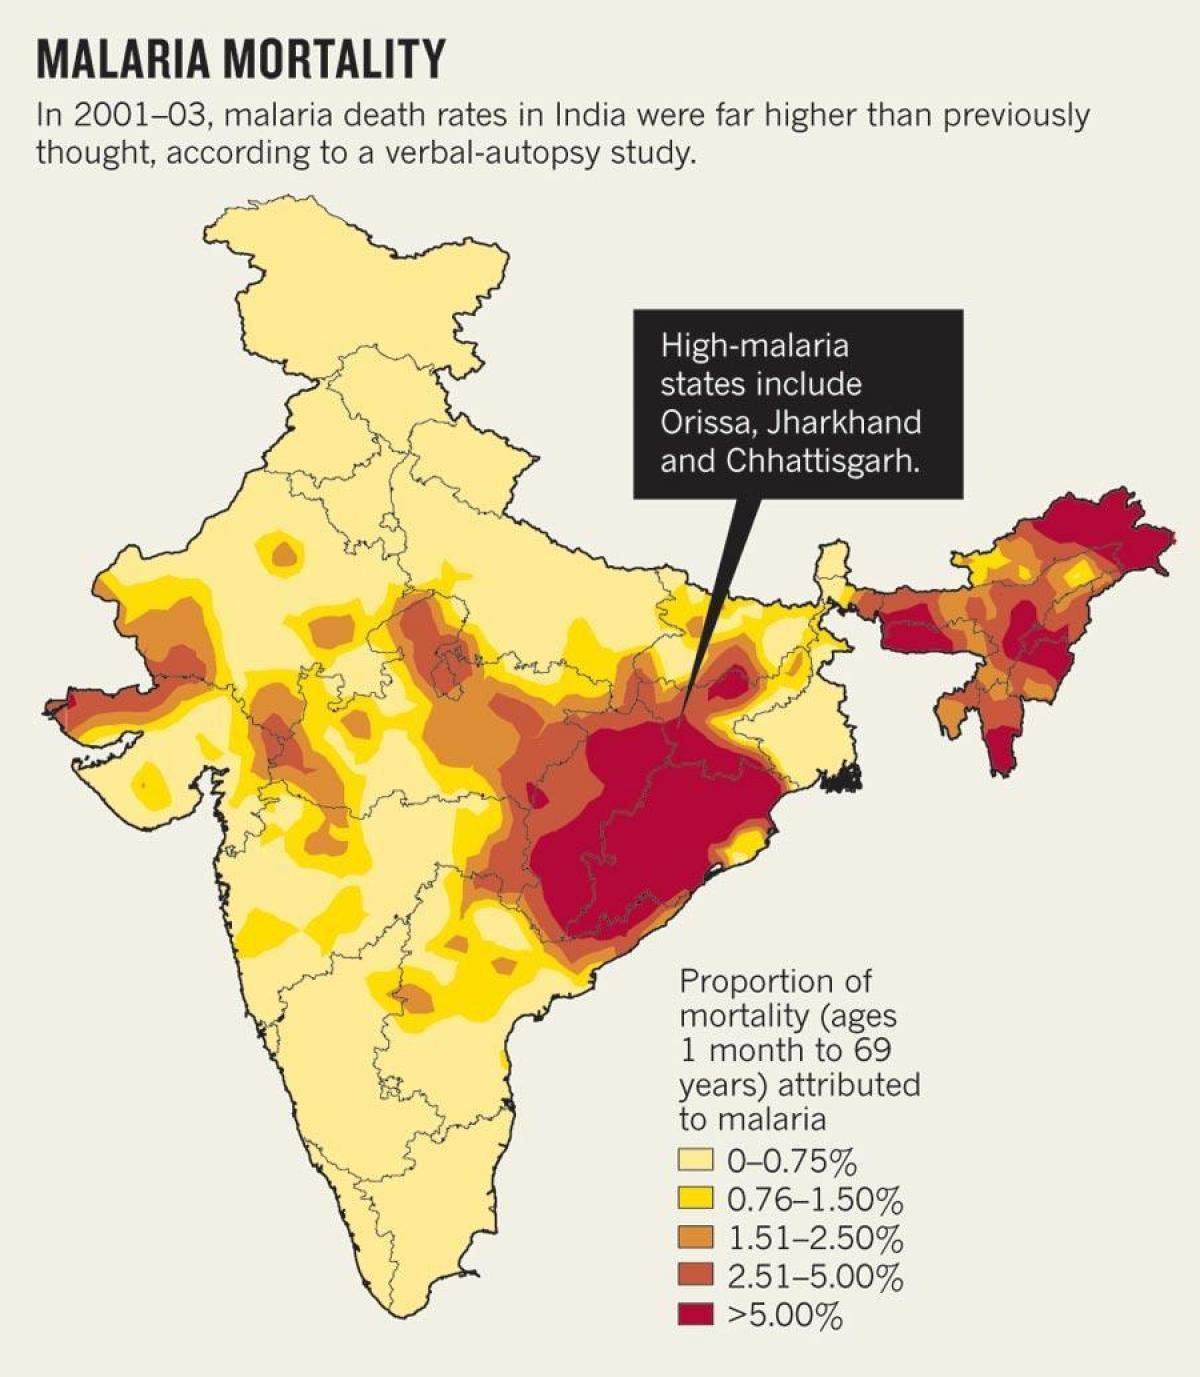 Carte Paludisme Inde.L Inde Paludisme Carte Carte De L Inde Du Paludisme Asie